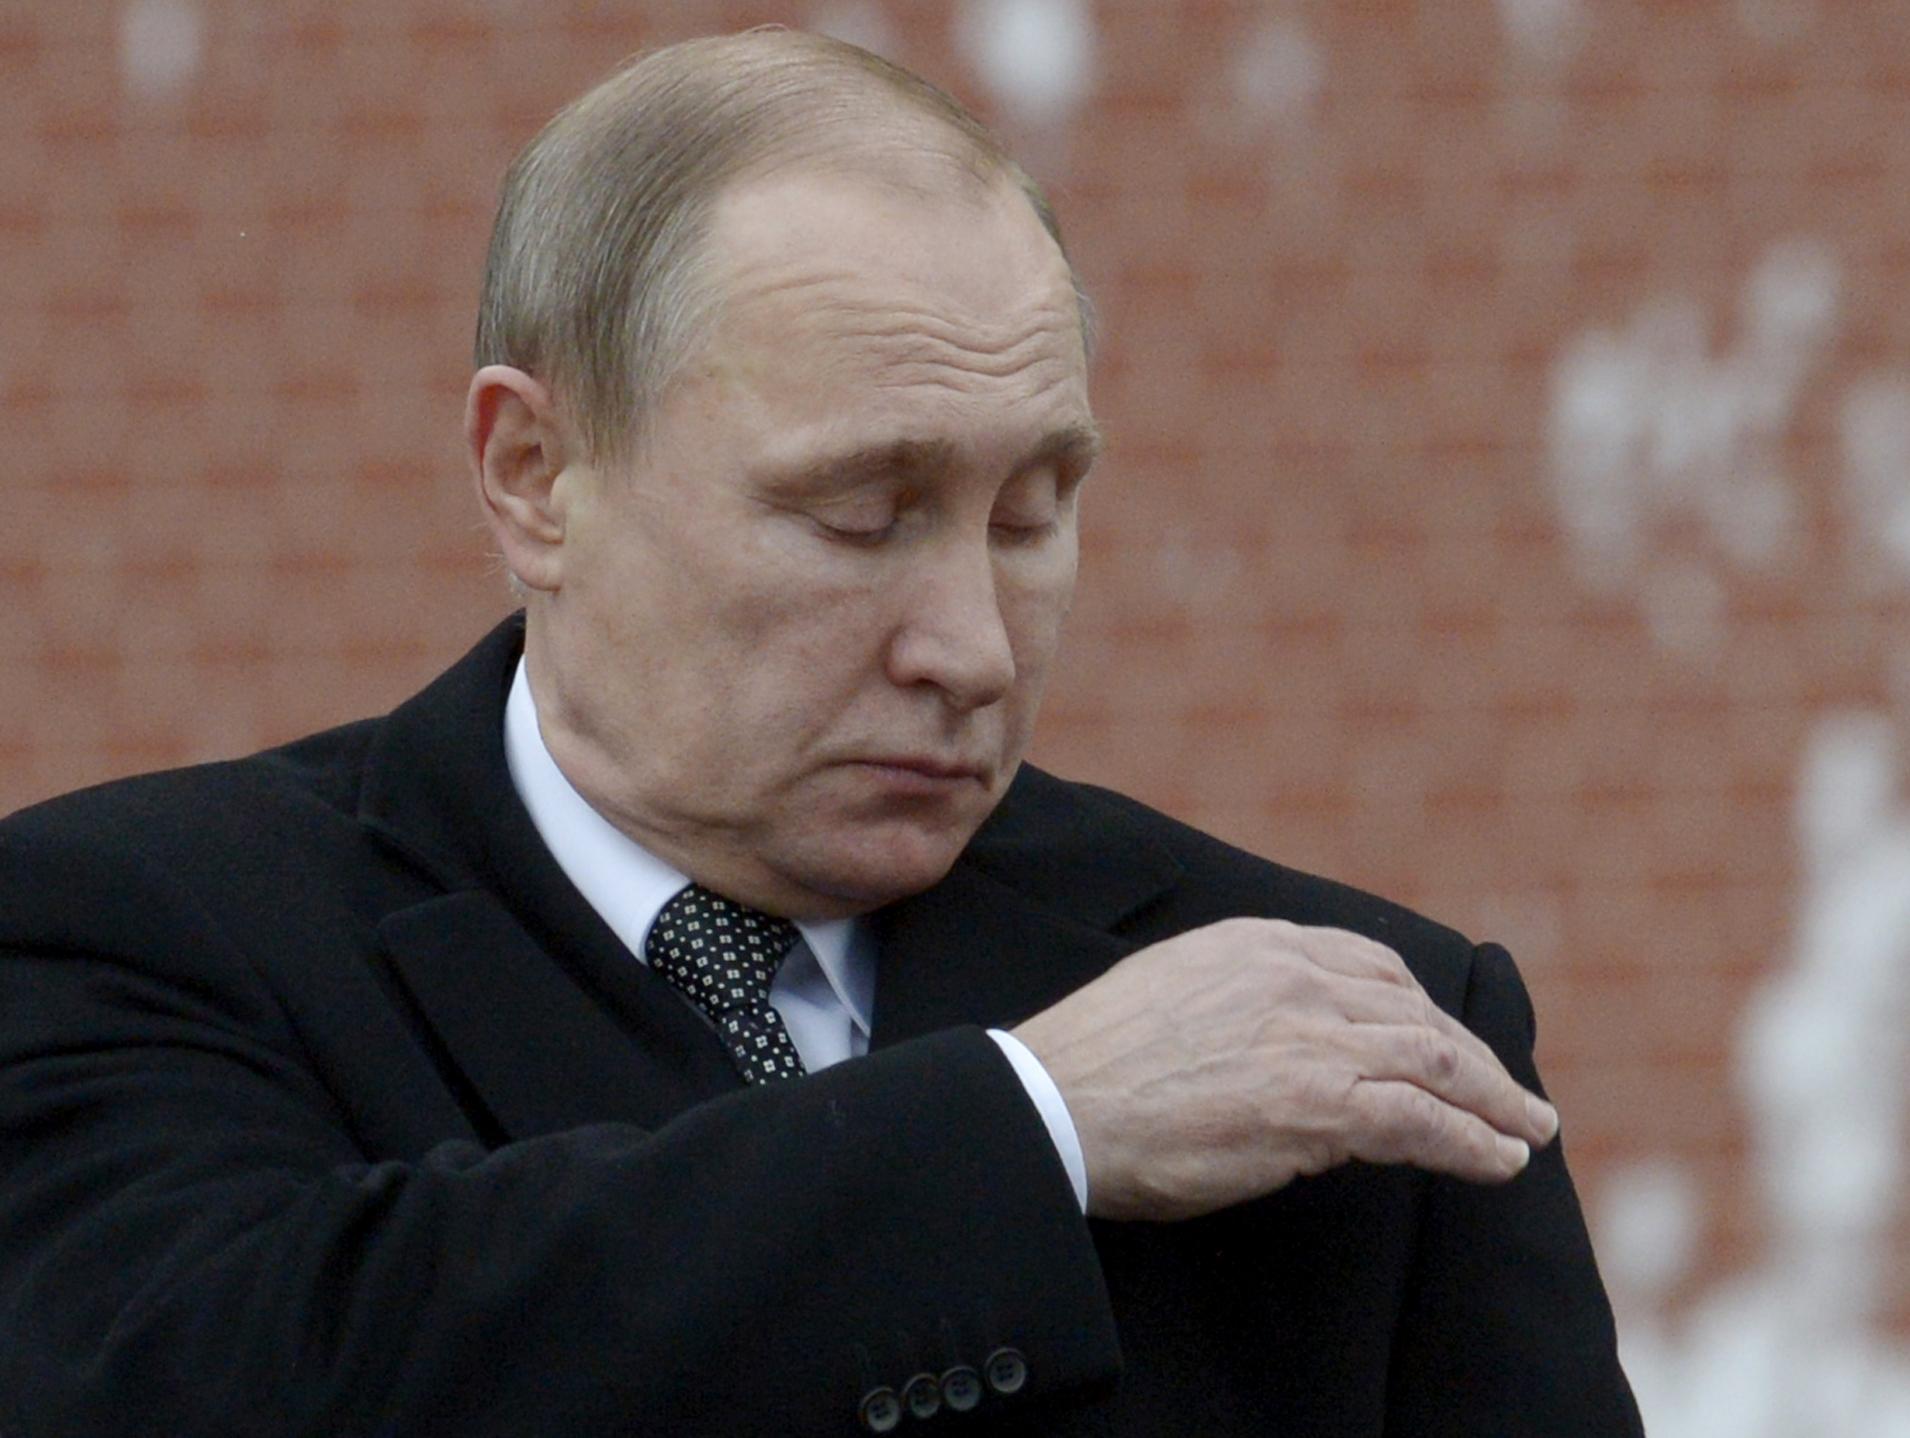 Moszkva felháborodott és tagad, miután kiderült, hogy orosz rakétával lőtték le a maláj gépet